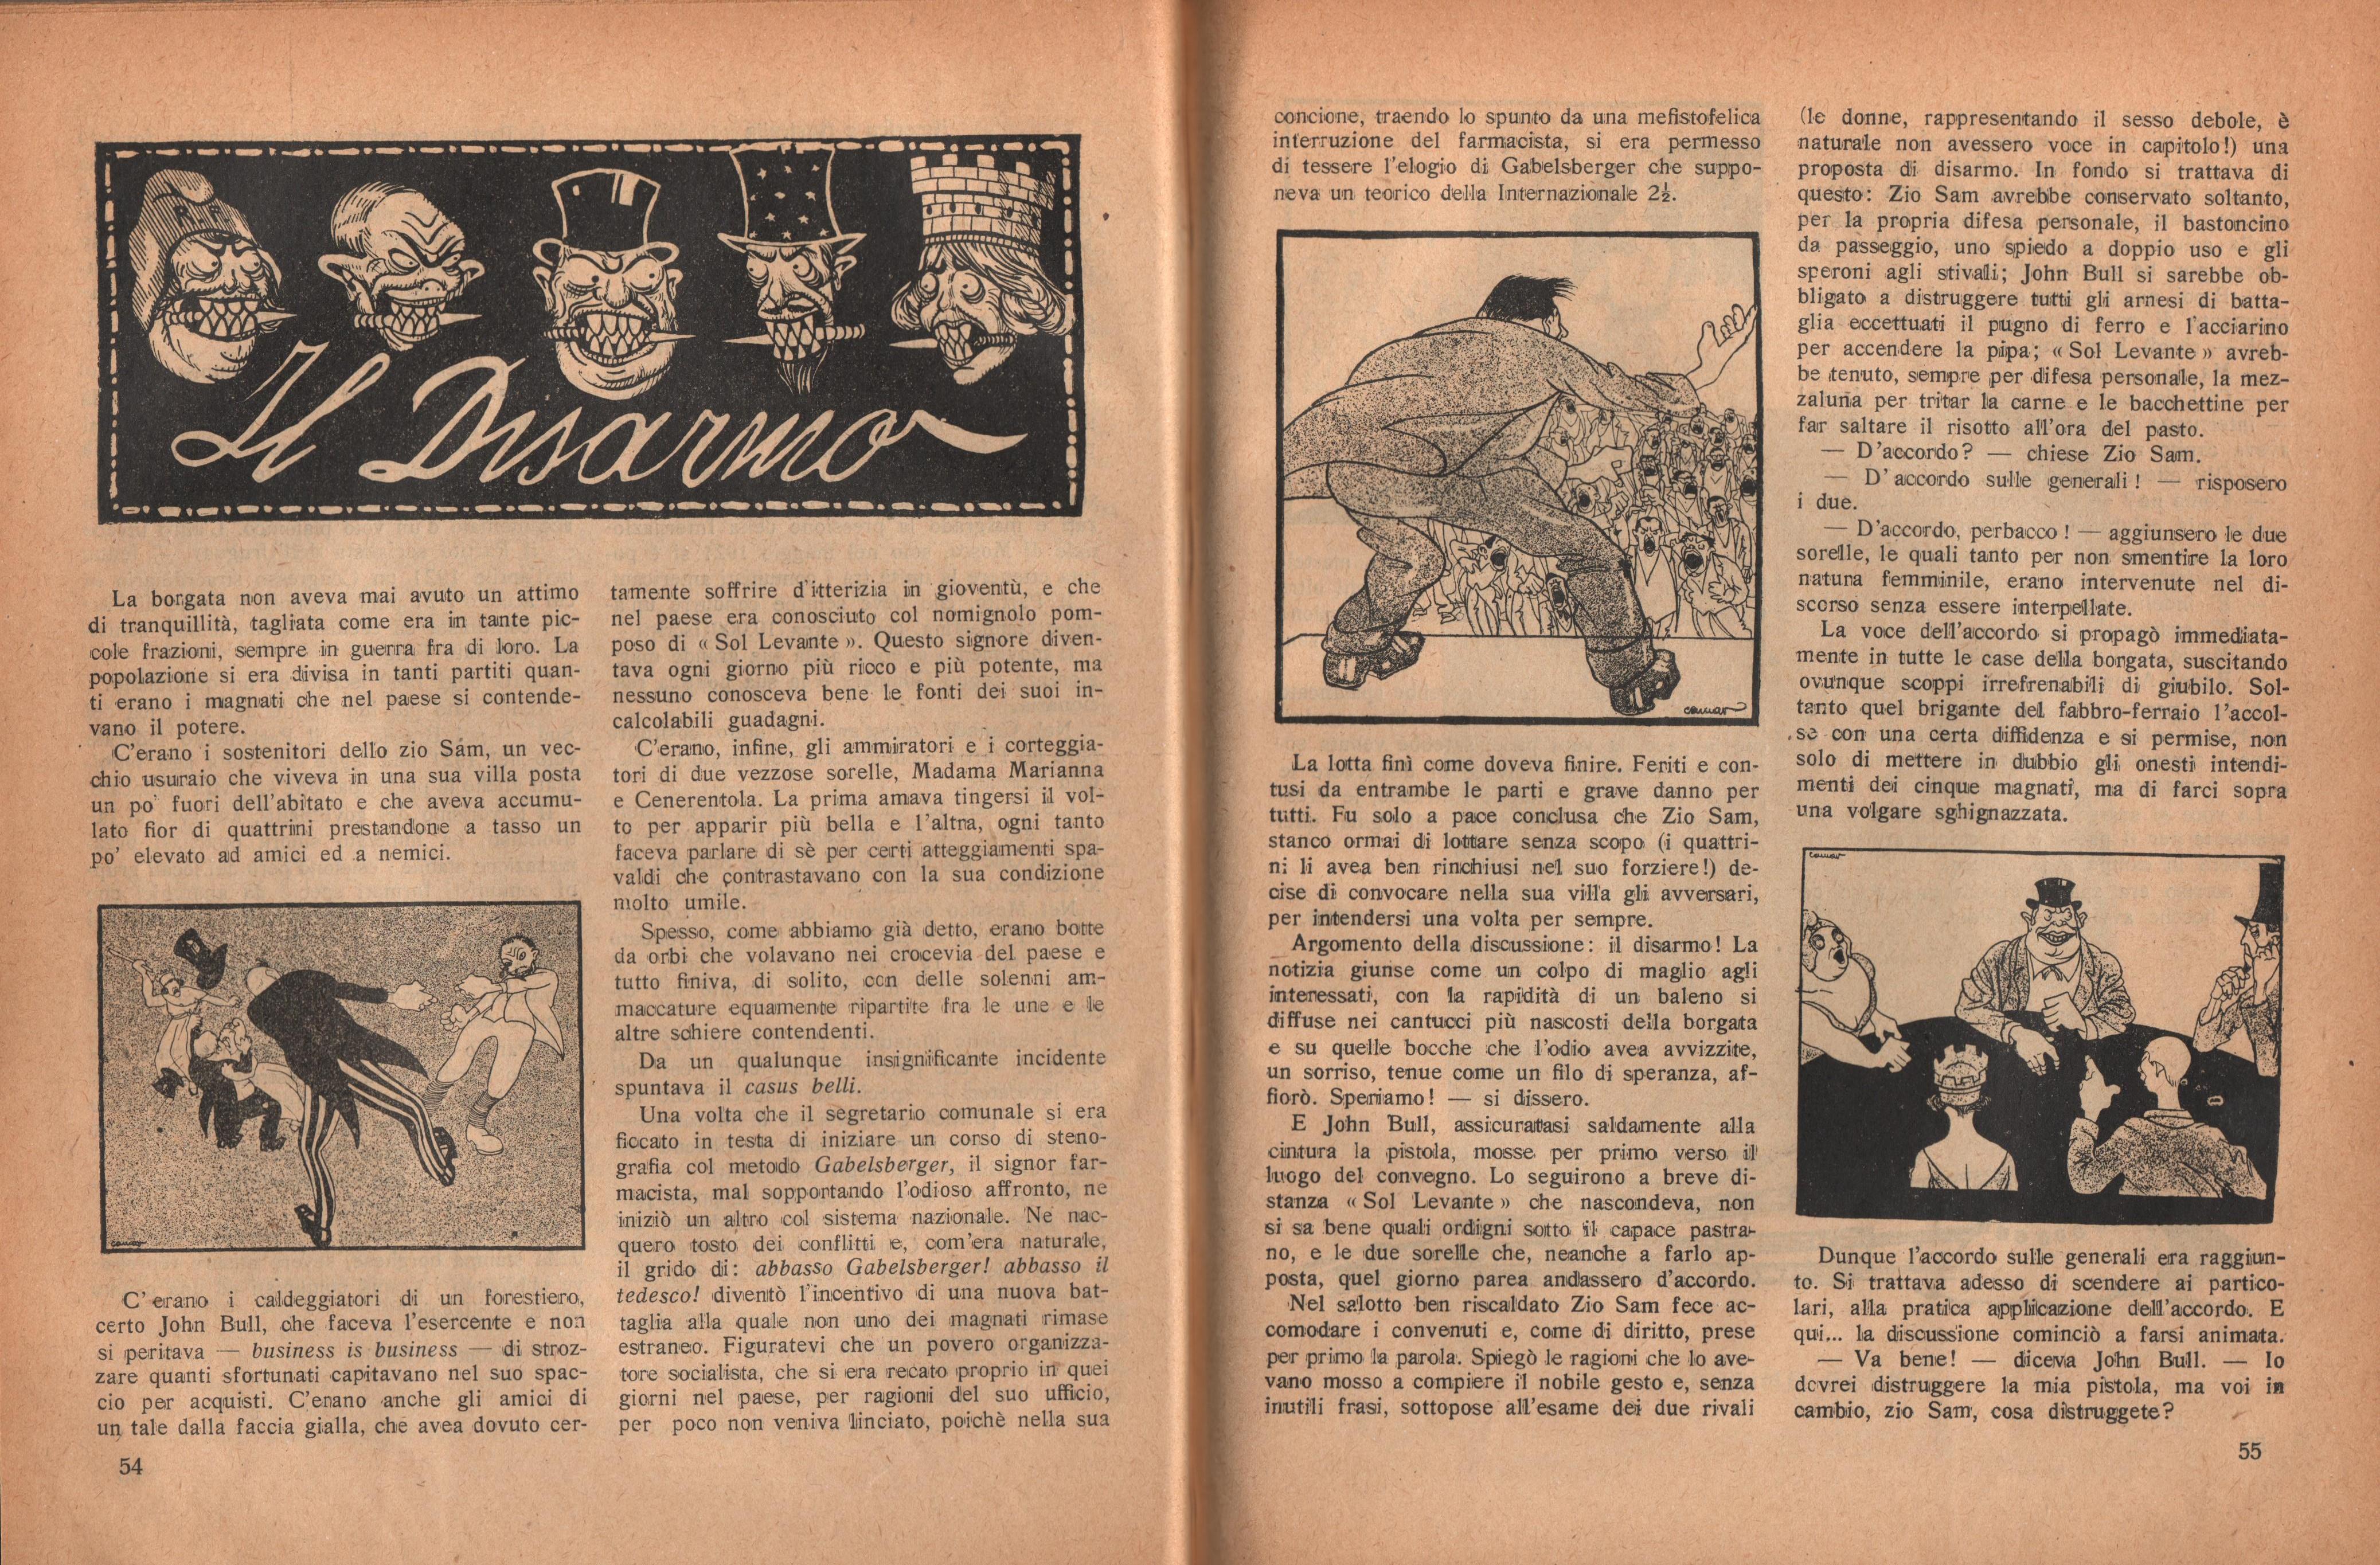 Almanacco comunista 1922 - pag. 33